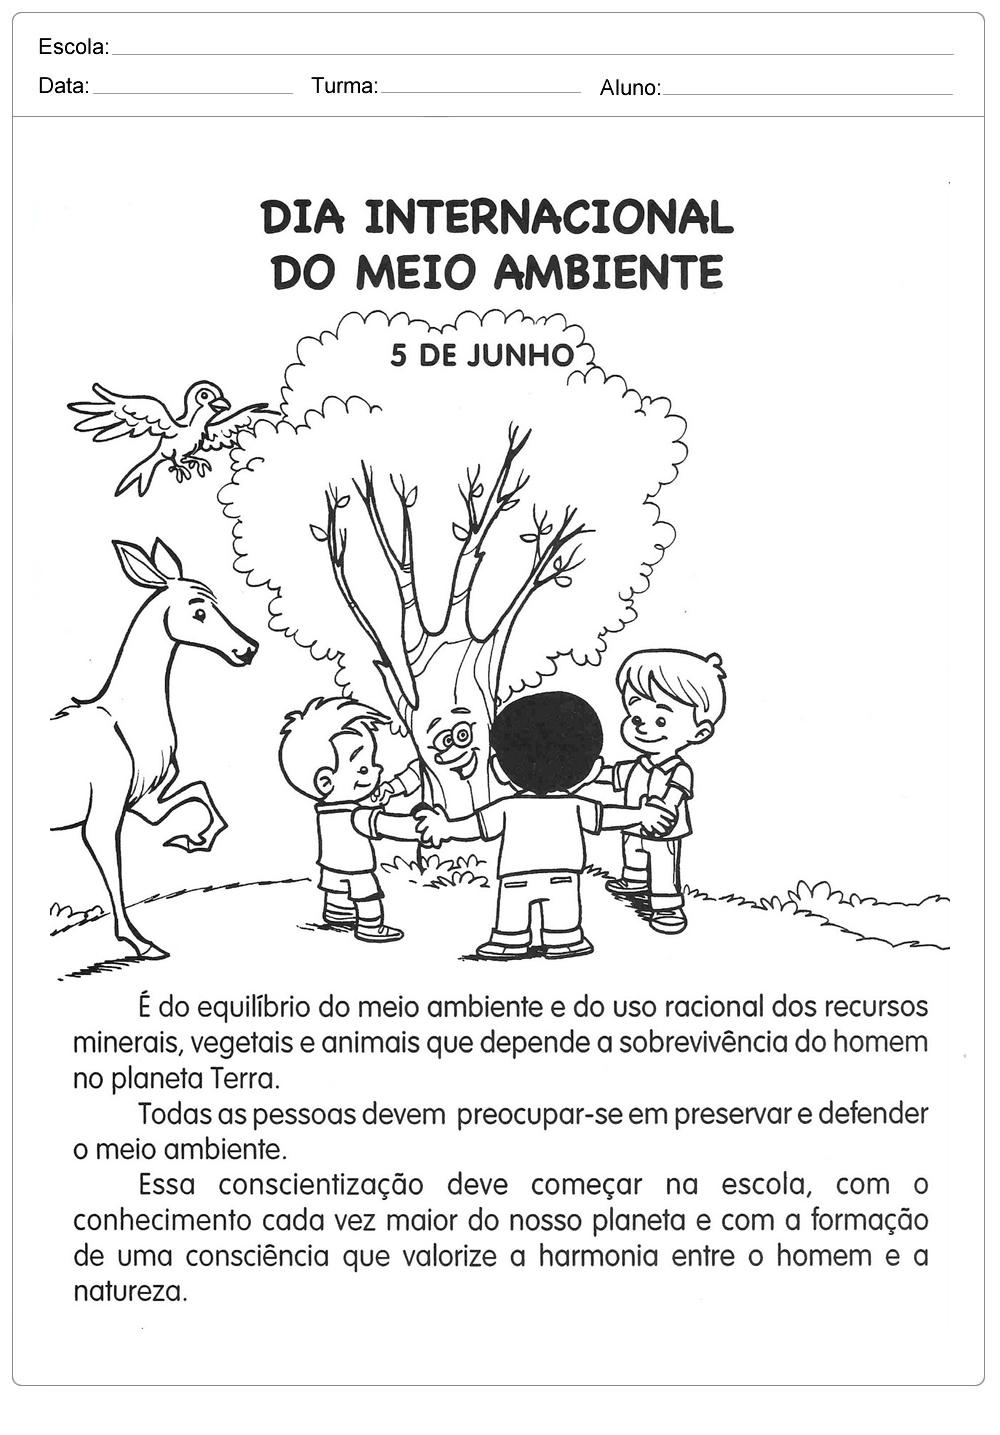 Atividades sobre meio ambiente para educação infantil – Dia internacional do meio ambiente